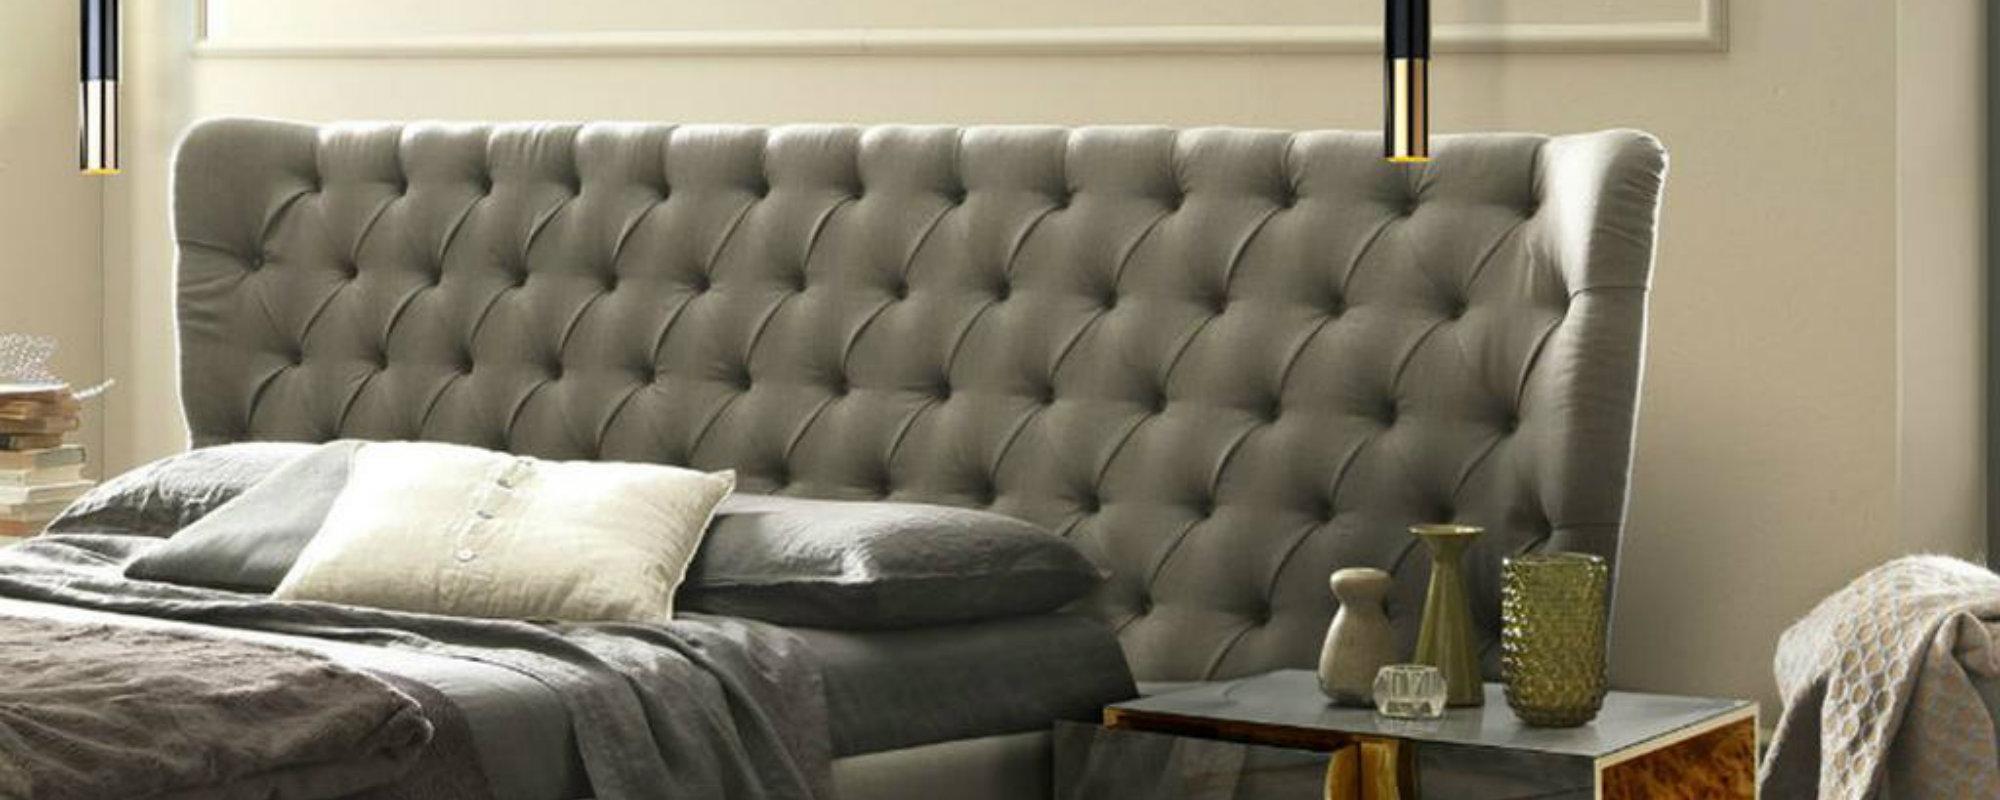 Ideas de lujo: Decoración de dormitorio para tús proyectos ideas de lujo Ideas de lujo: Decoración de dormitorio para tús proyectos Featured 10